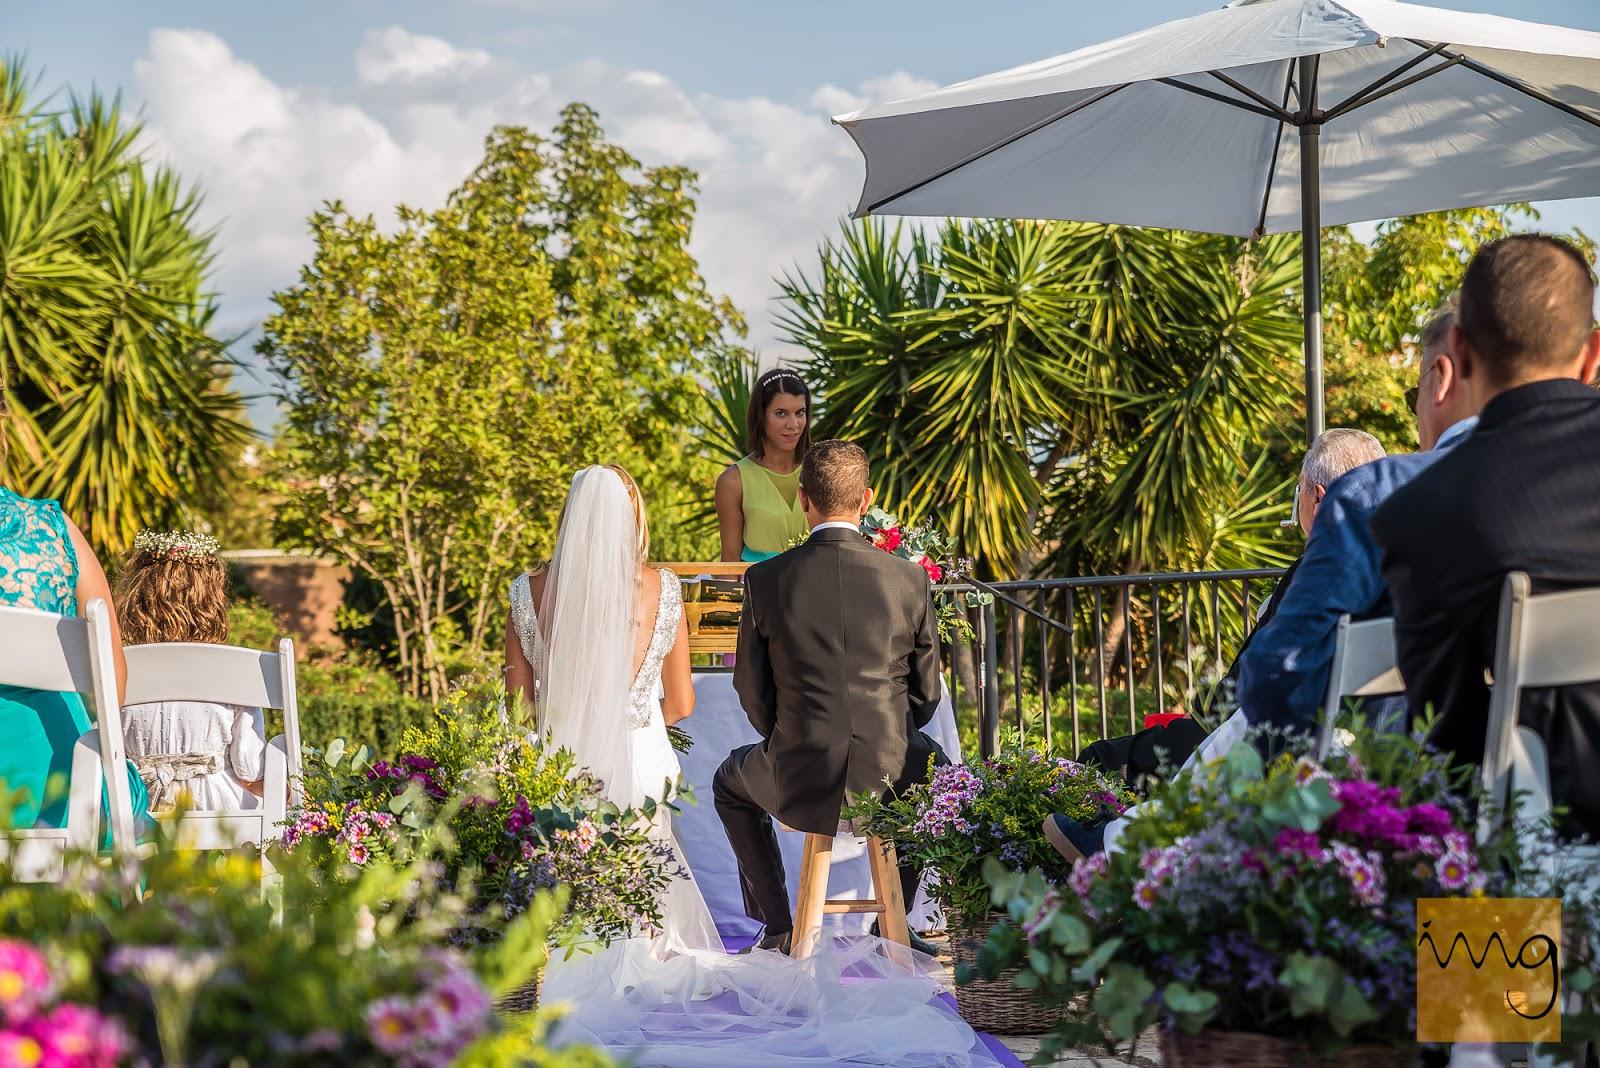 La fotografía de las declaraciones en la boda